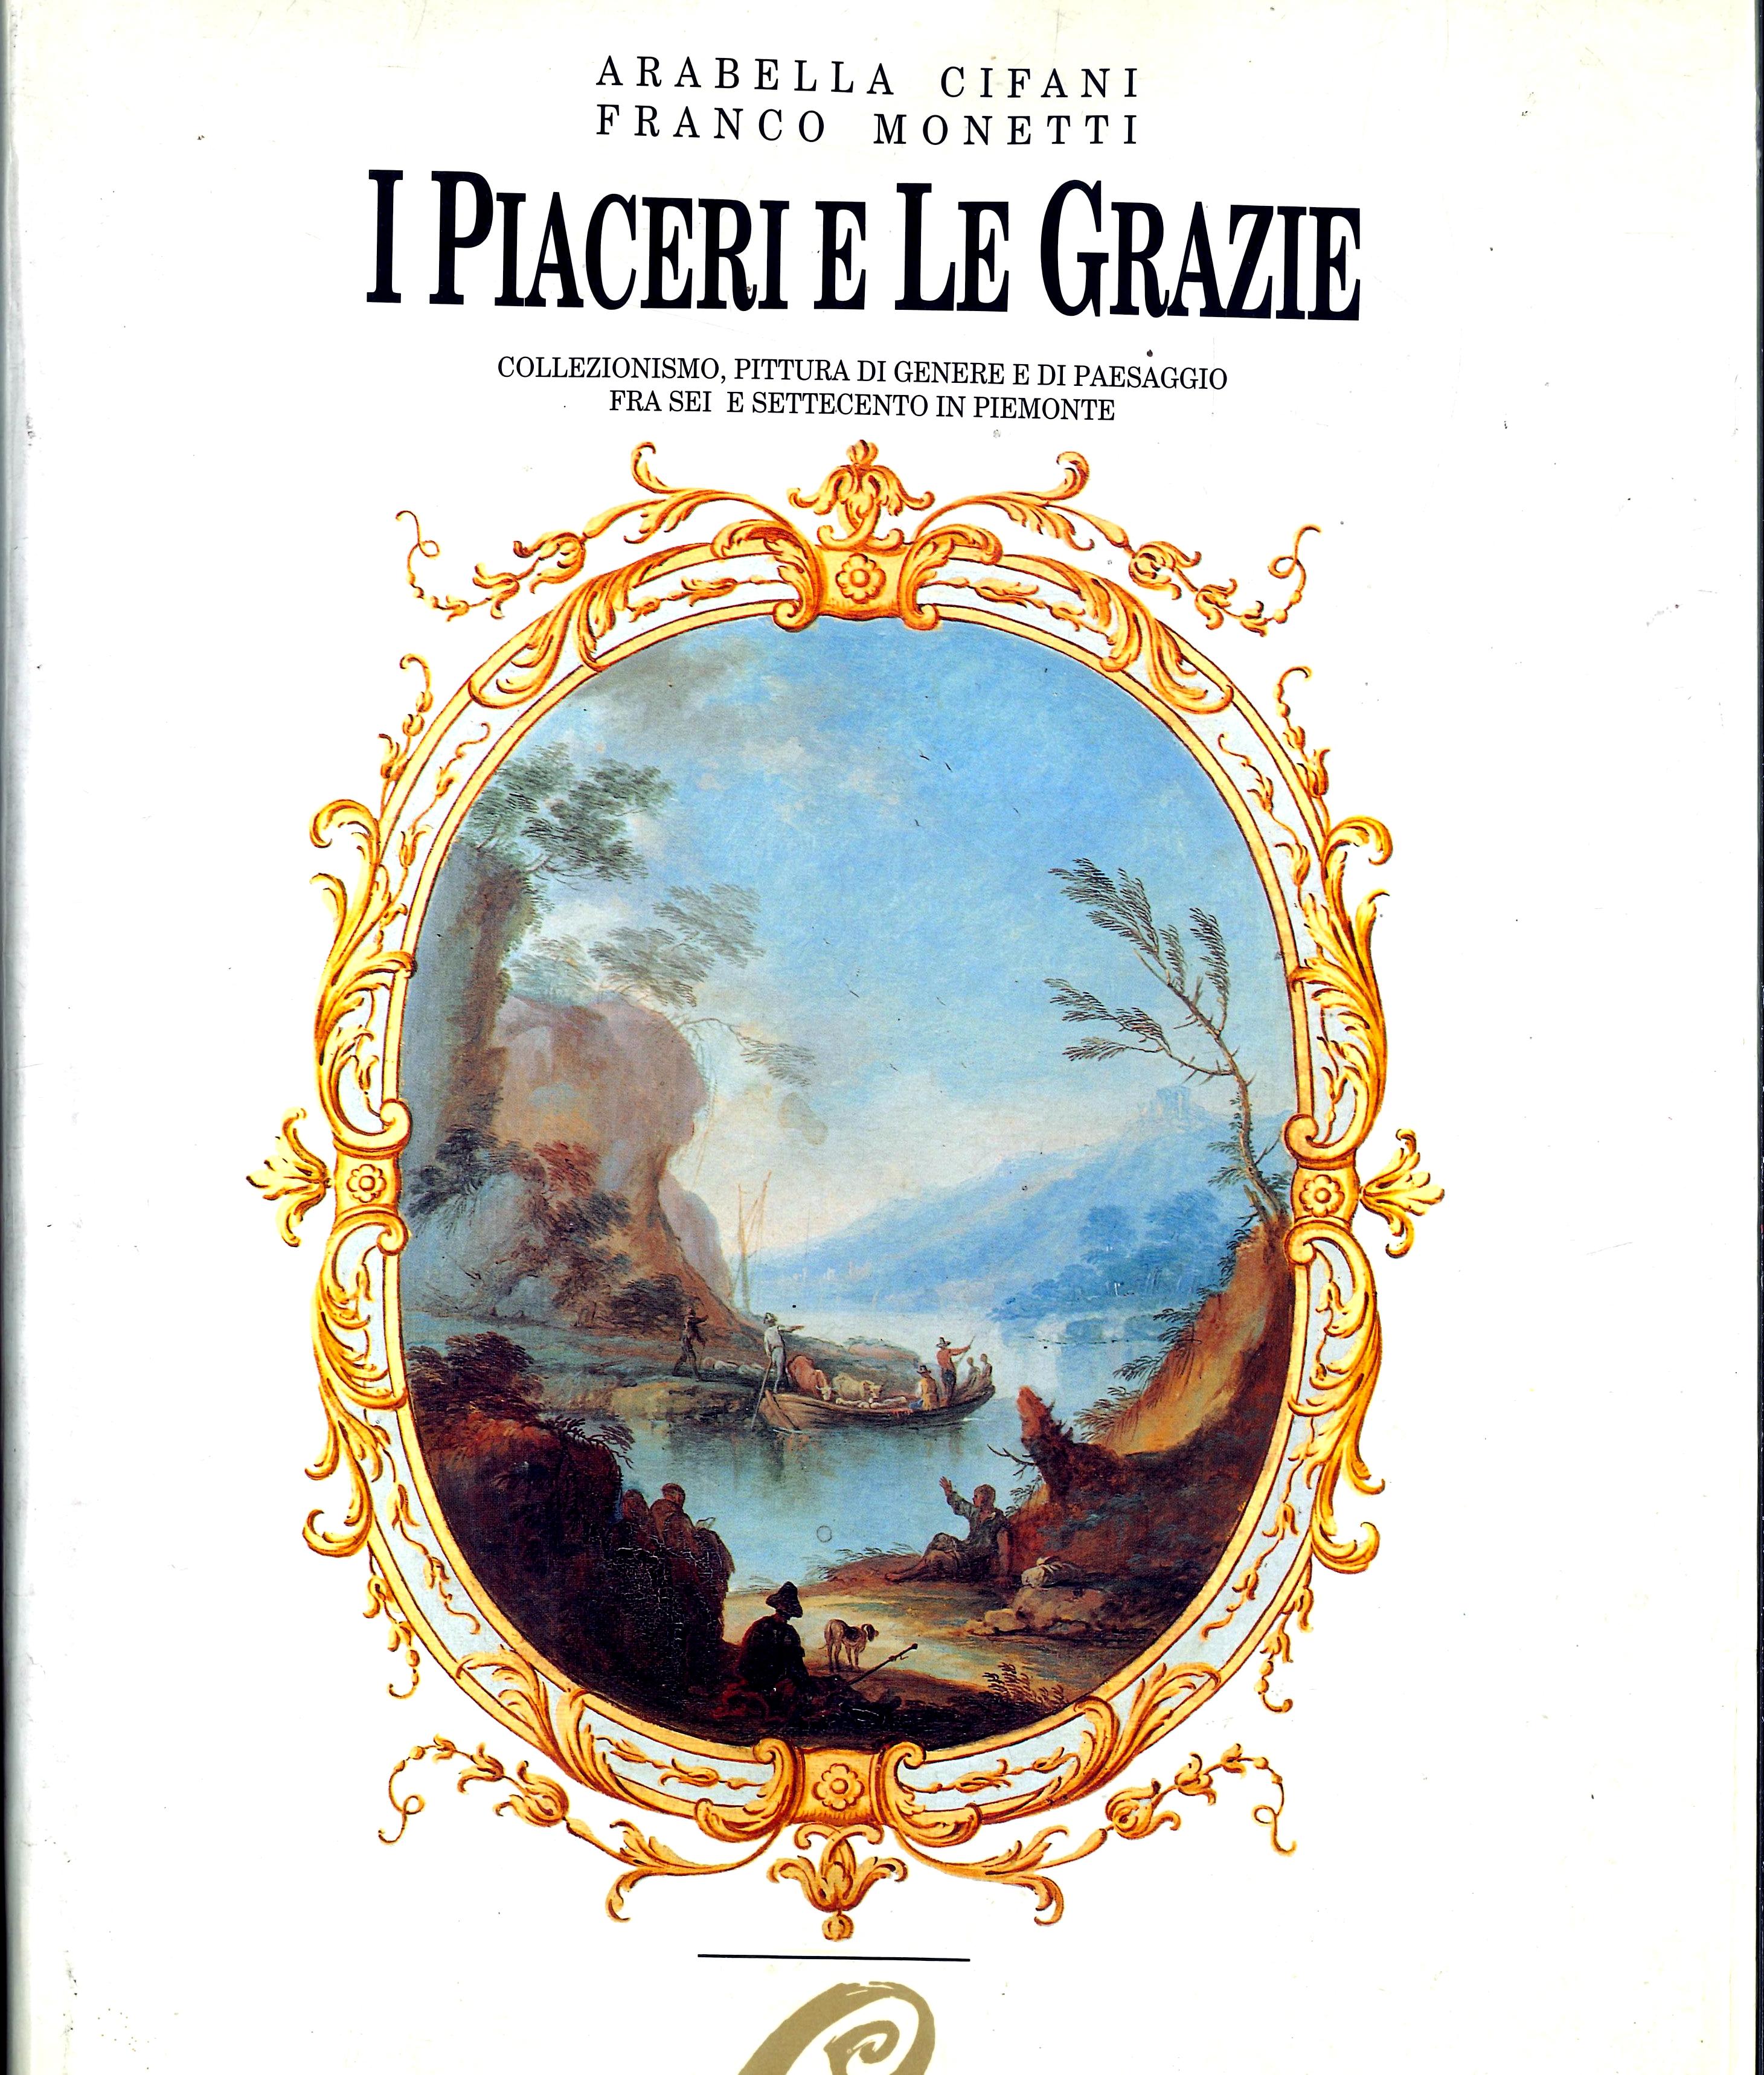 I Piaceri e le Grazie – Collezionismo, pittura di genere e di paesaggio fra Sei e Settecento in Piemonte